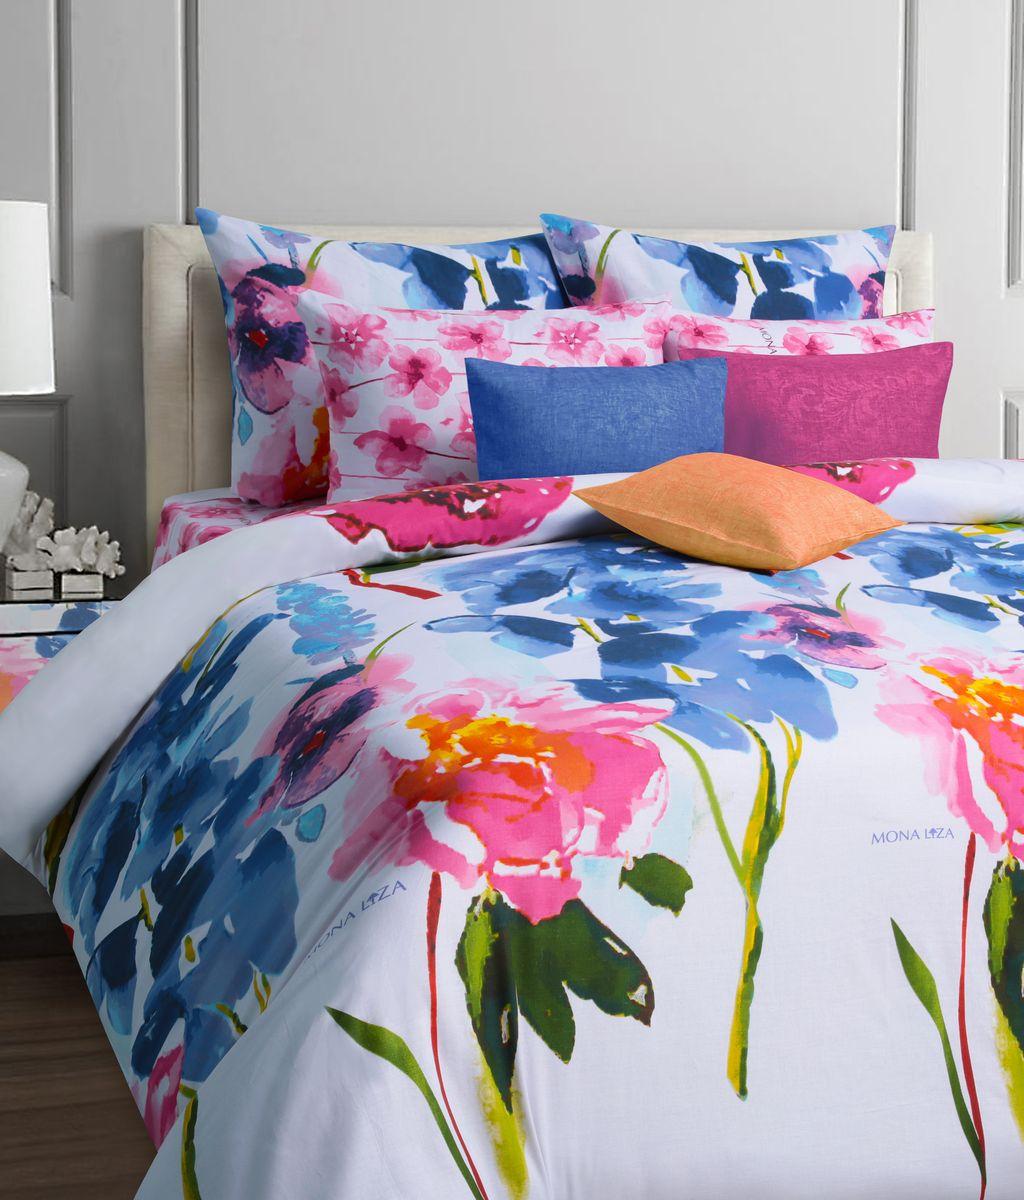 Комплект белья Mona Liza Palitra, евро, наволочки 70x70, цвет: белый, голубой552109/36Коллекция постельного белья MONA LIZA Classic поражает многообразием дизайнов. Среди них легко подобрать необходимый рисунок, который создаст в доме уют. Комплекты выполнены из бязи 100 % хлопка.